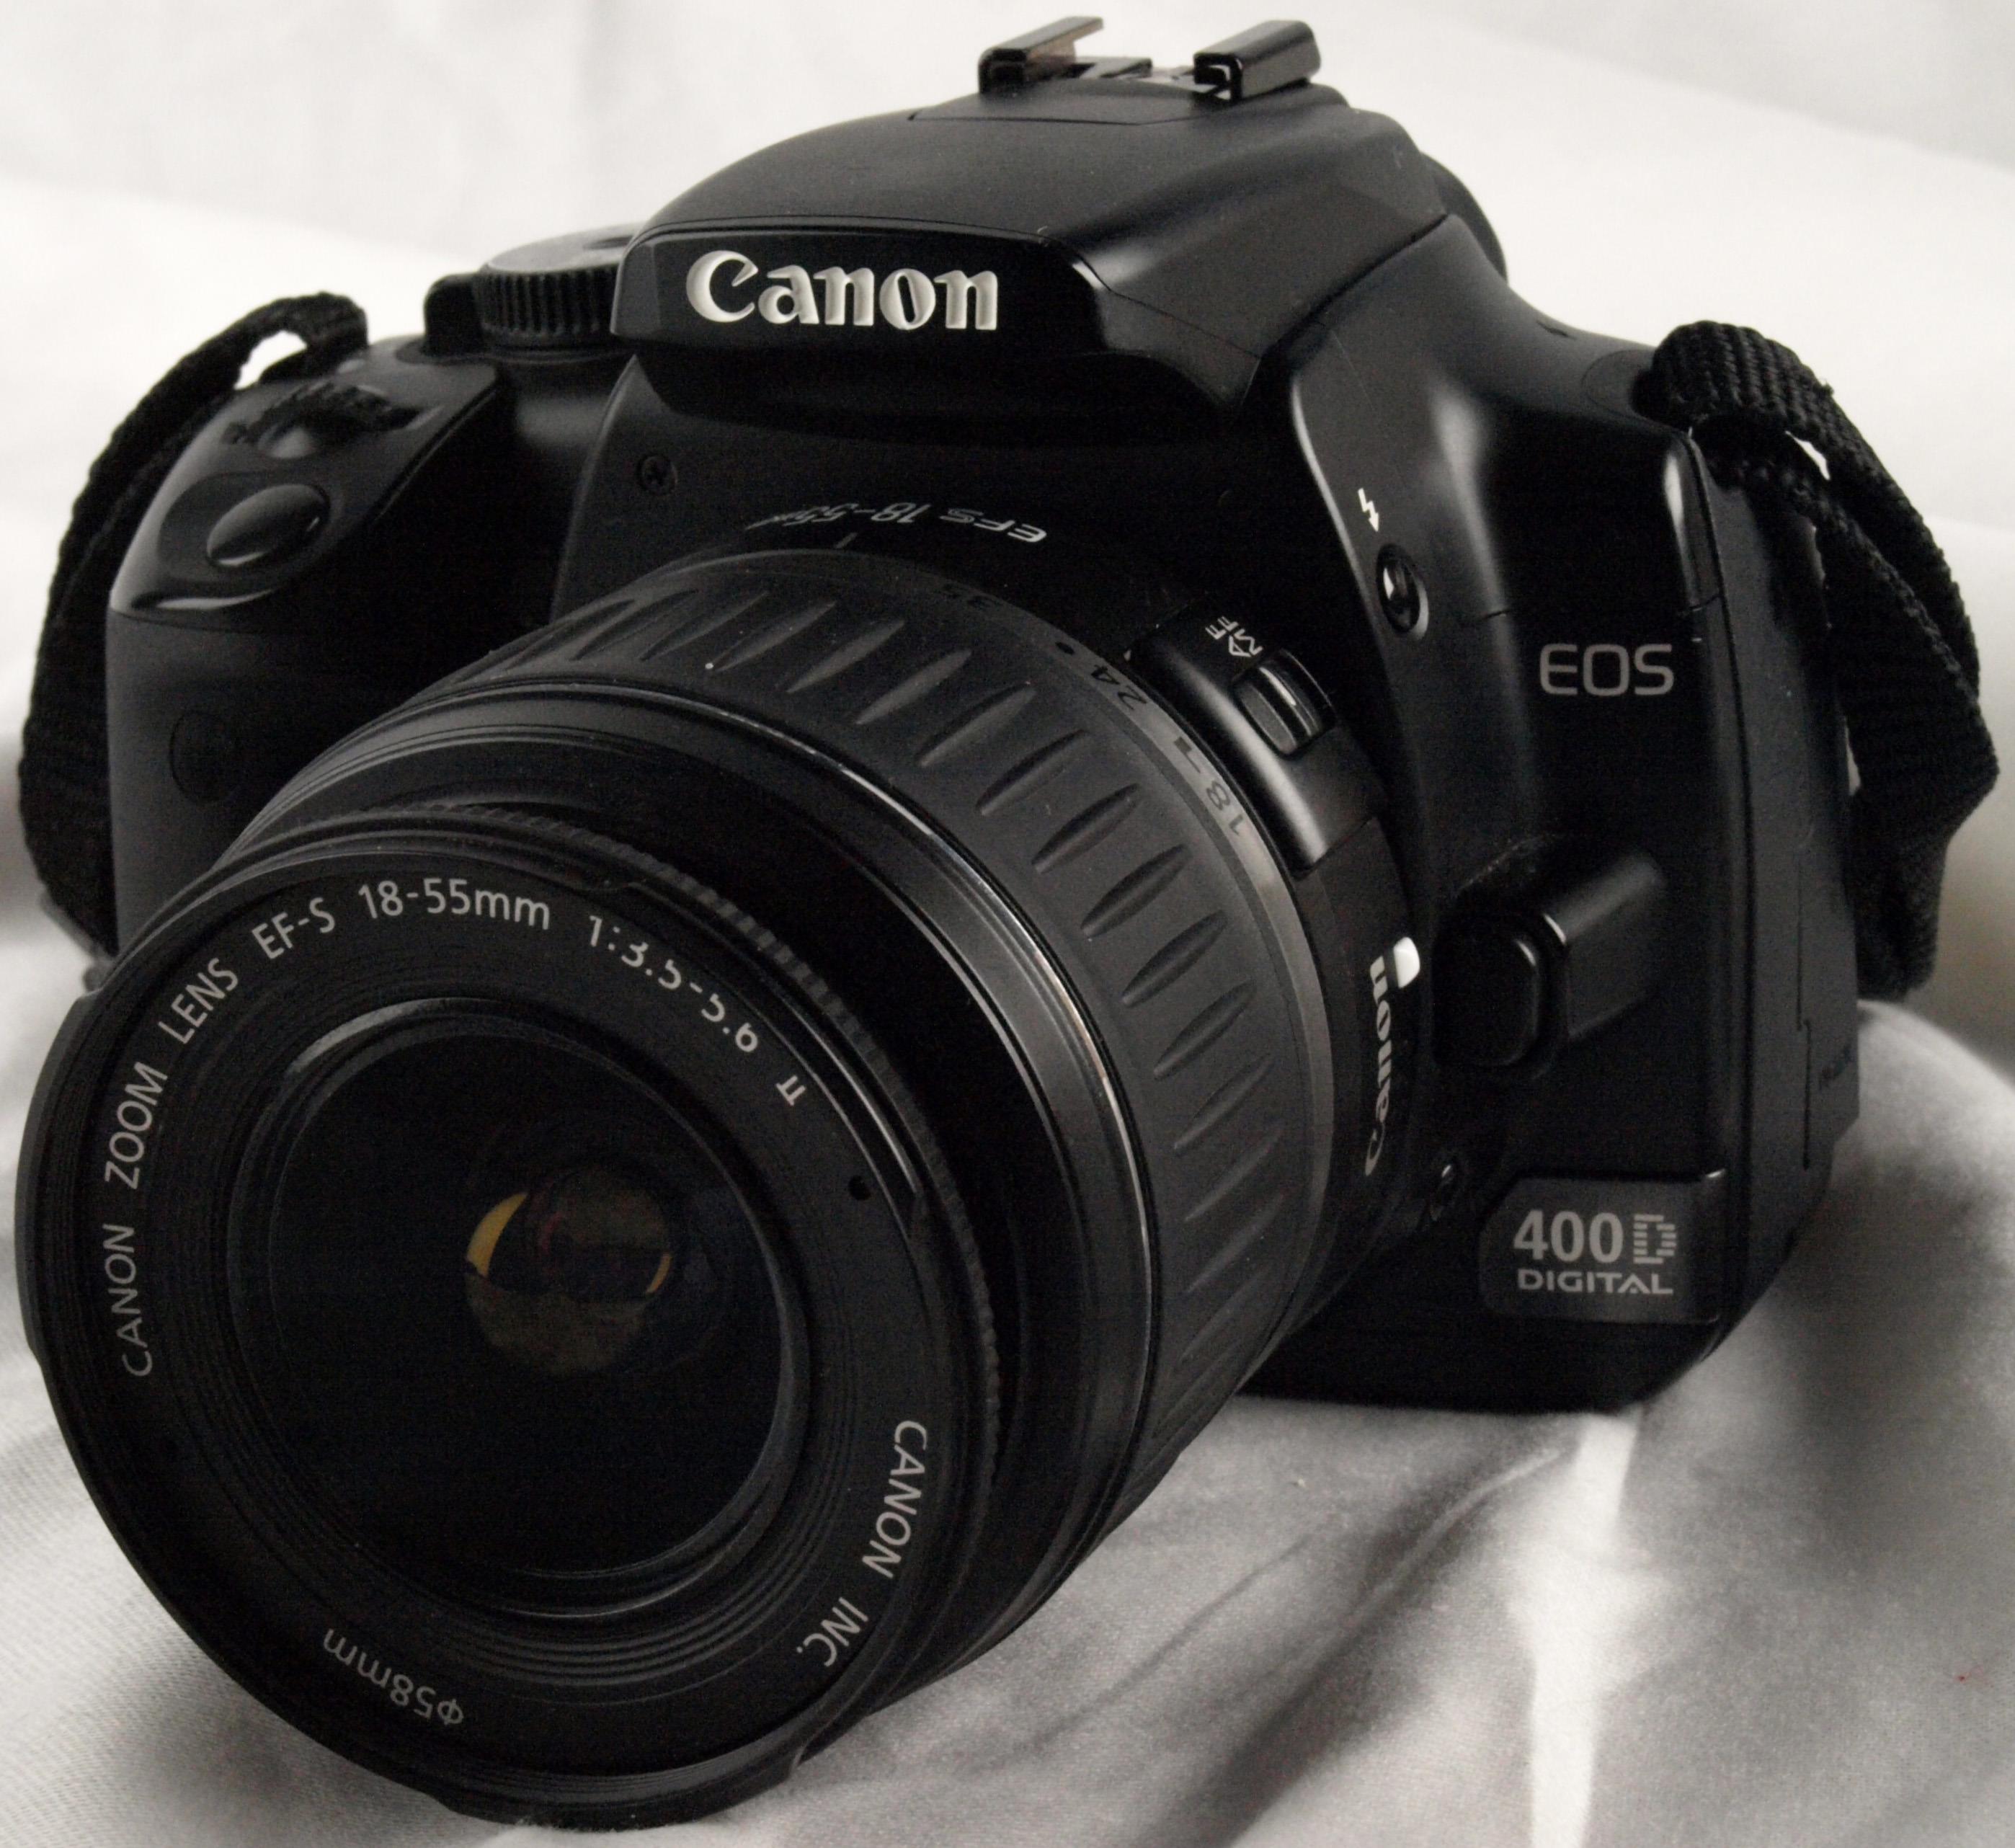 foto da canon eos 400d